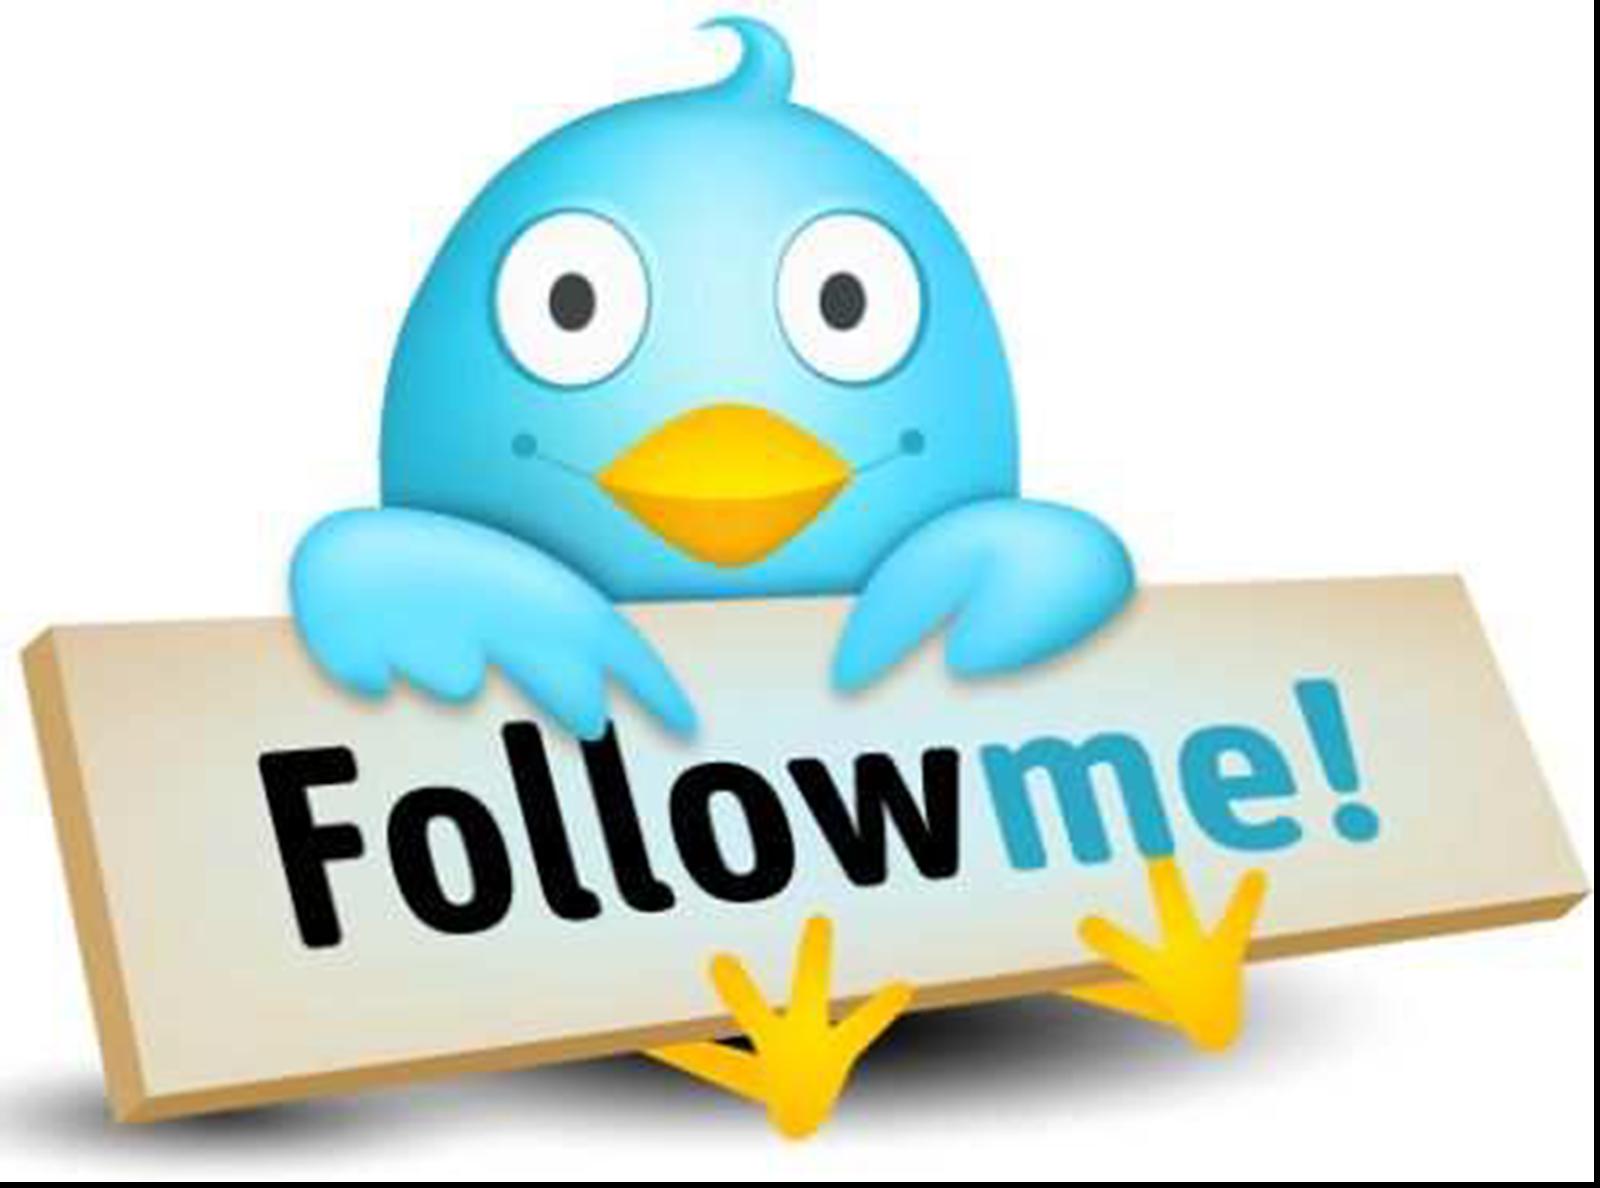 Trik Cara Agar Follower Twitter Kita Banyak